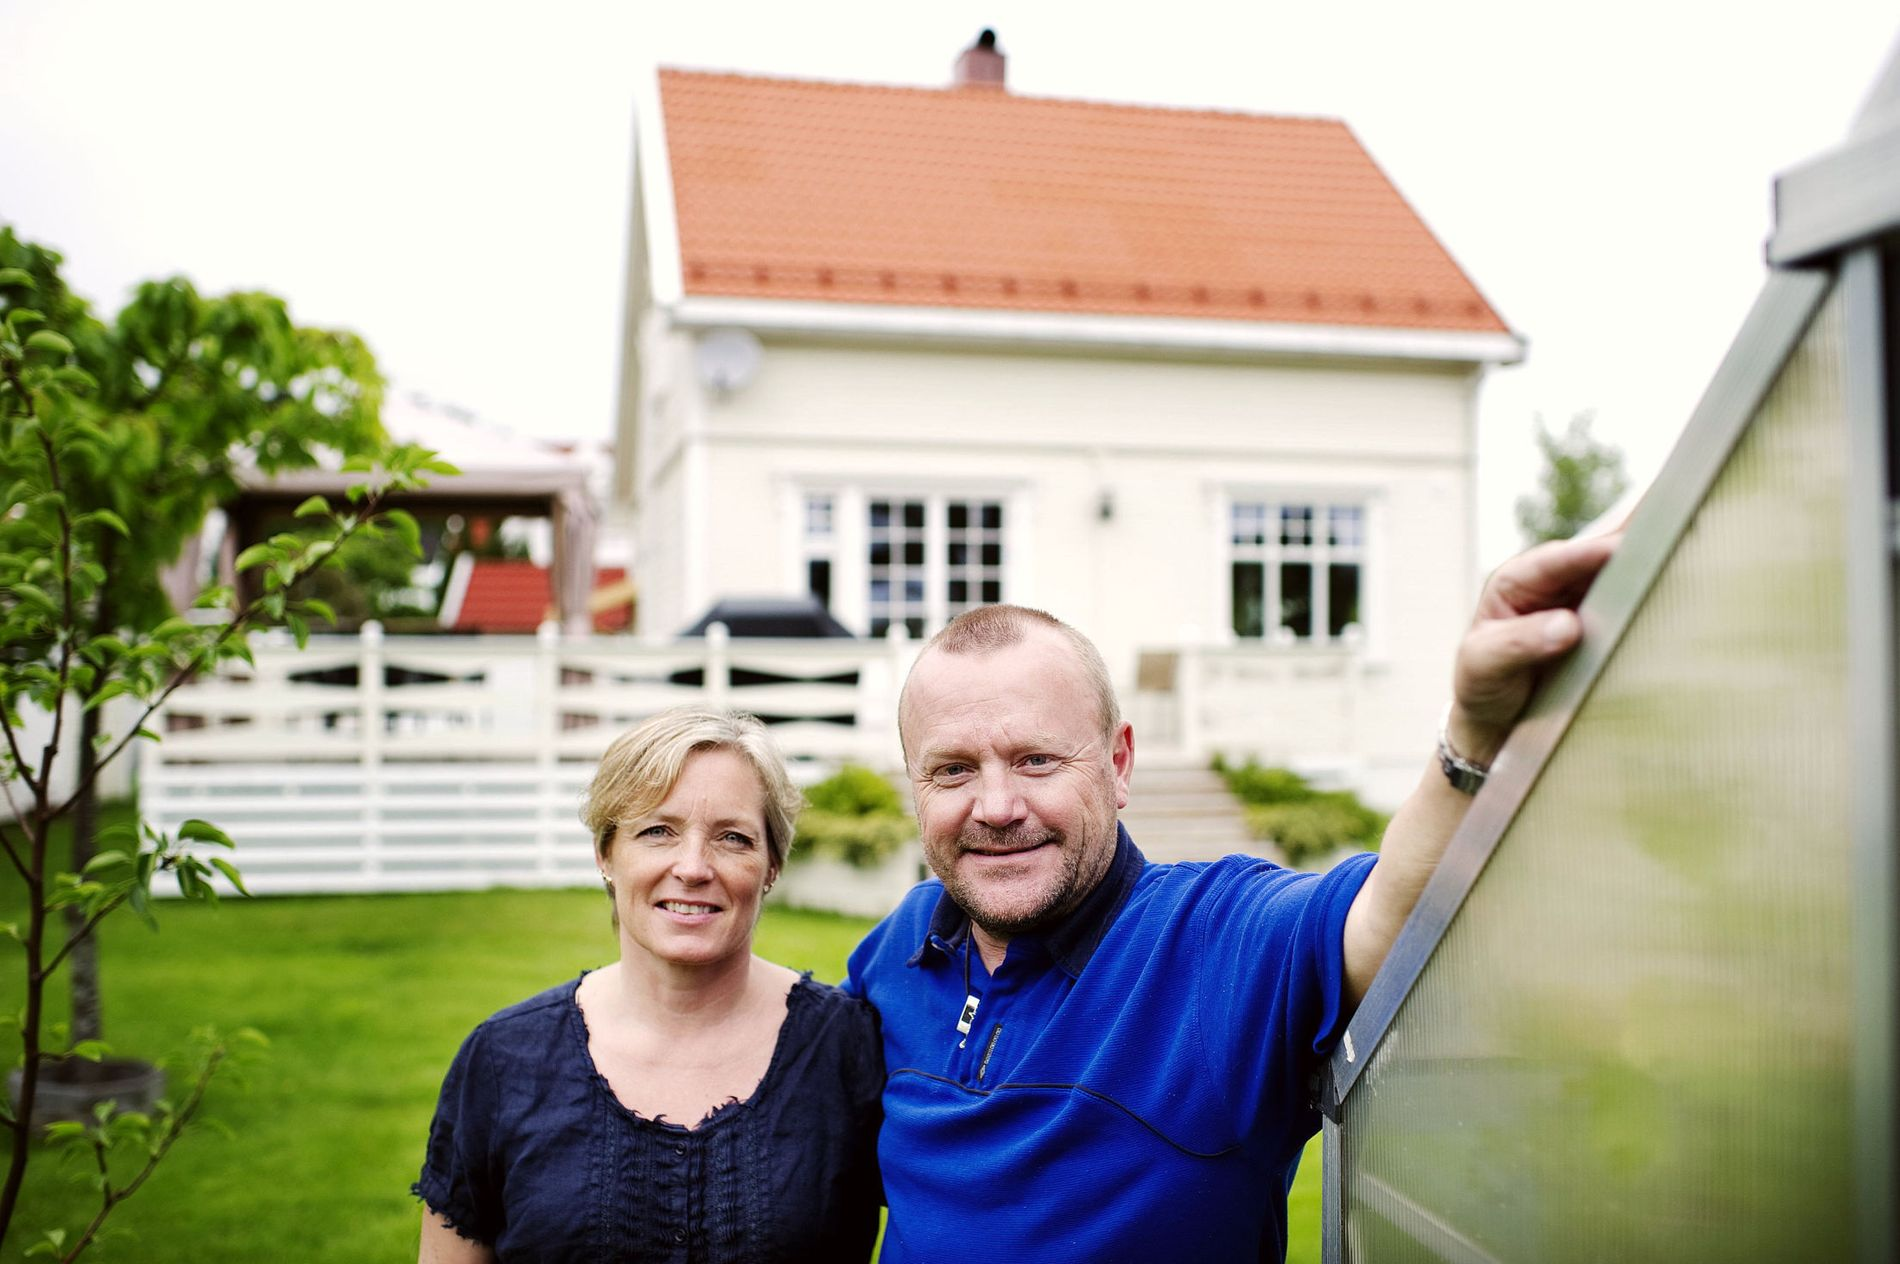 Flyttet lånet, sparer penger: Bente og Rune Orderud fra Moss har byttet bank og refinansiert lånet på boligen: – Nå betaler jeg over 1600 kroner mindre i boliglån per måned, sier Rune Orderud.